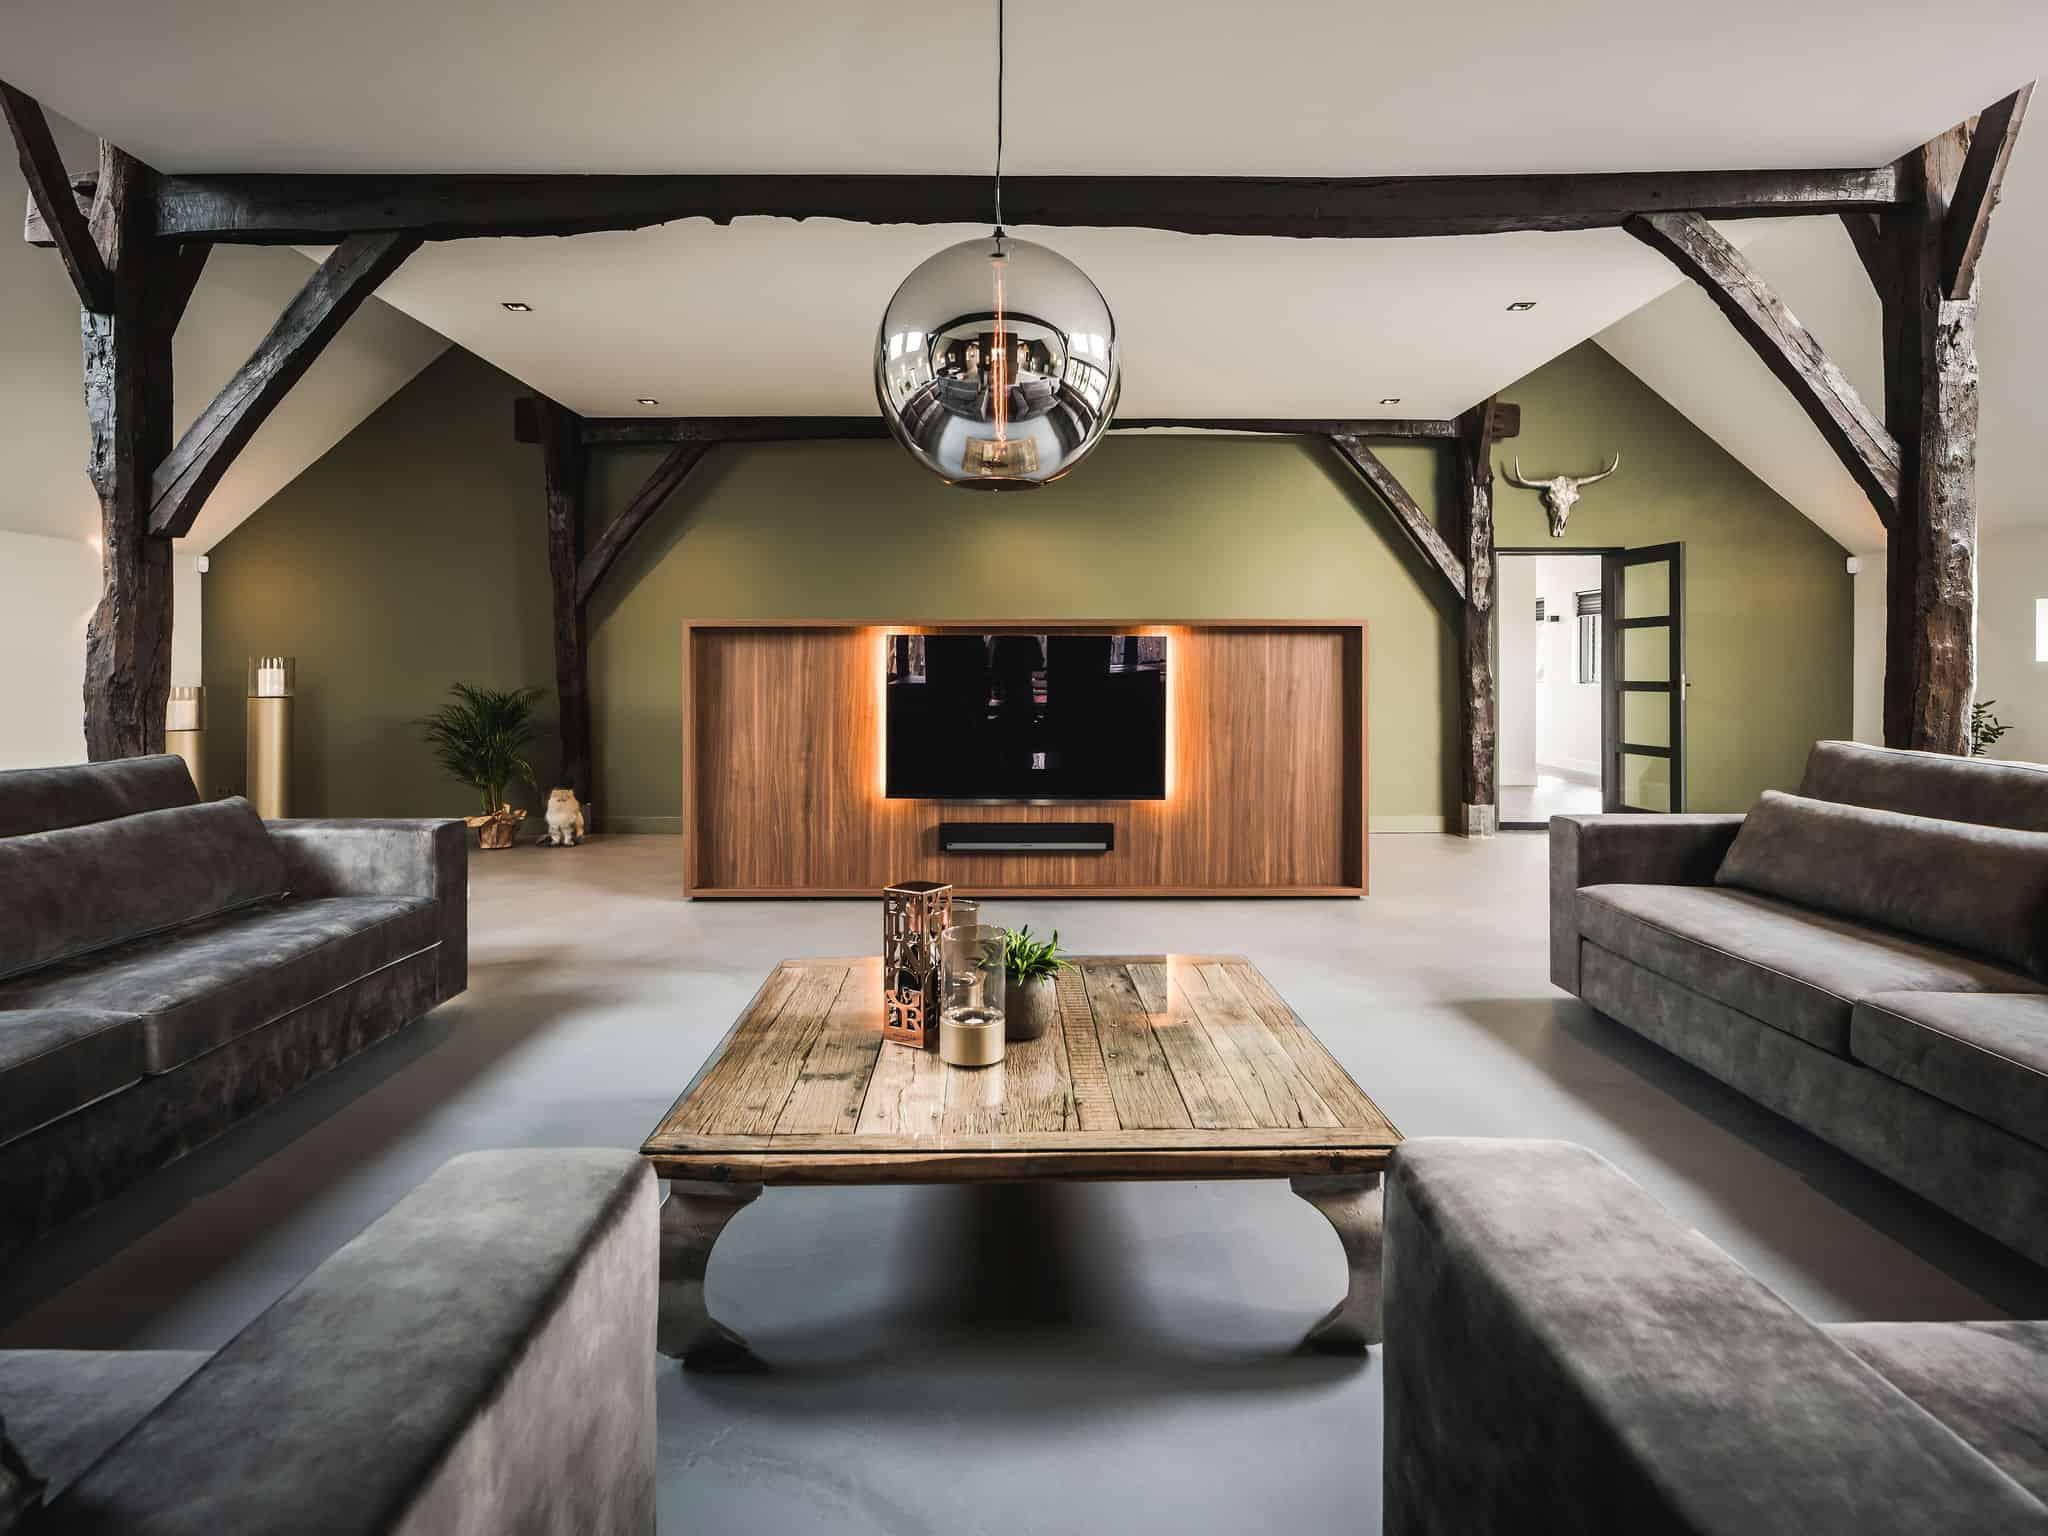 interieurarchitect Wildenberg ontwerp interieur woonboerderij Velux Eve Bulbs hanglampen beton gietvloer maatwerk TV meubel